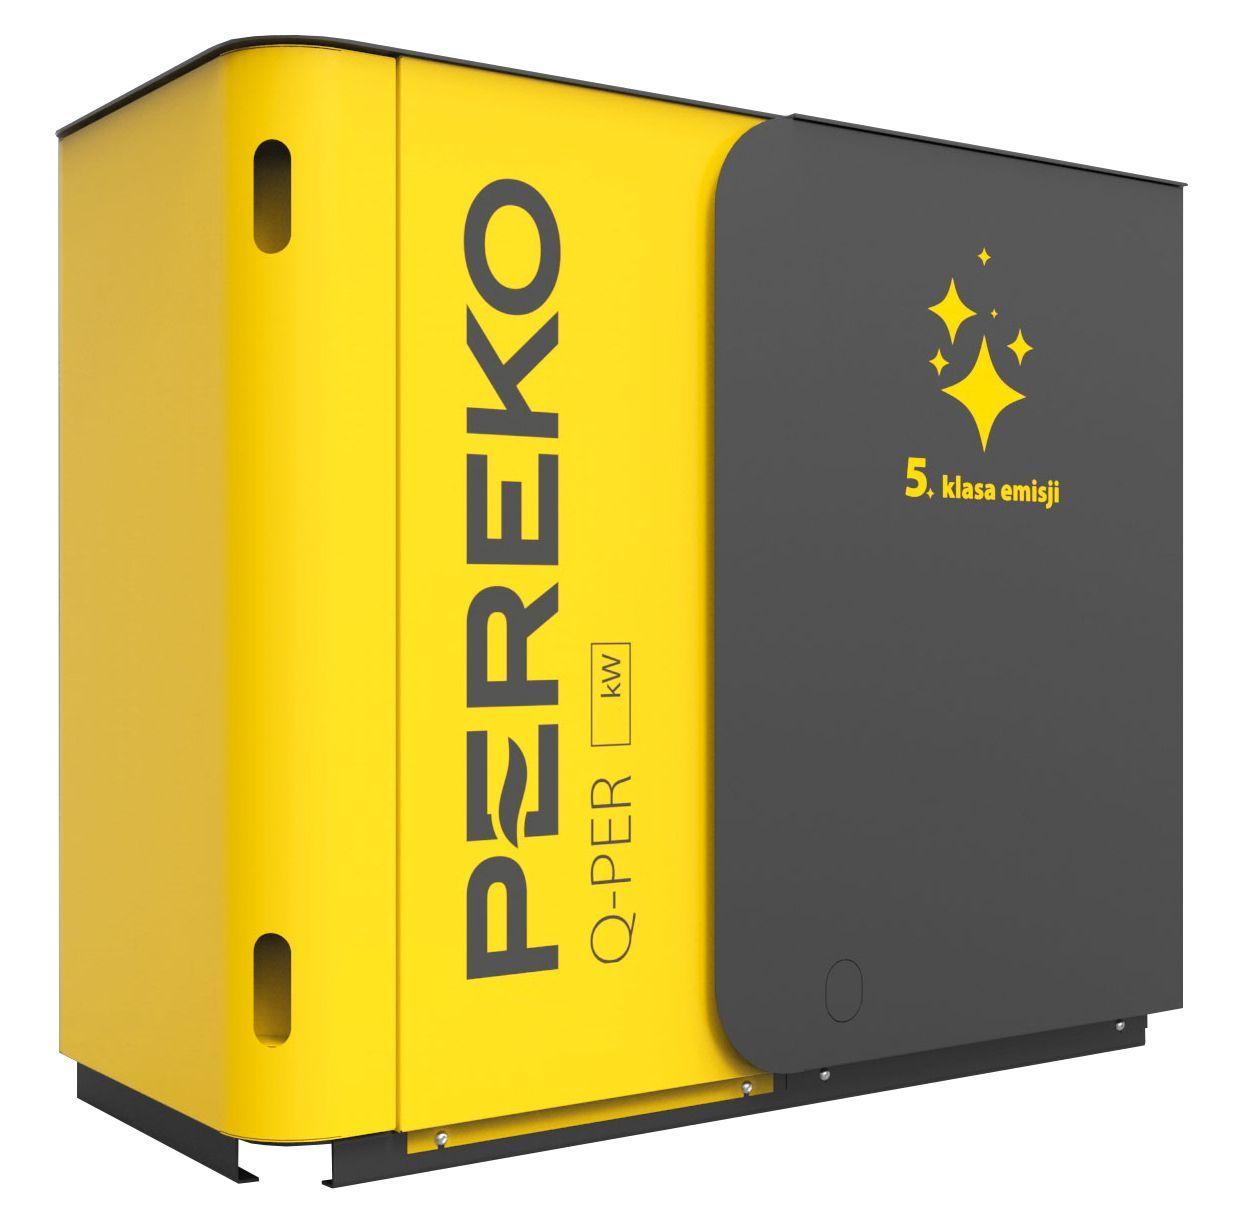 Kocioł na ekogroszek PEREKO Q-PER 18 kW